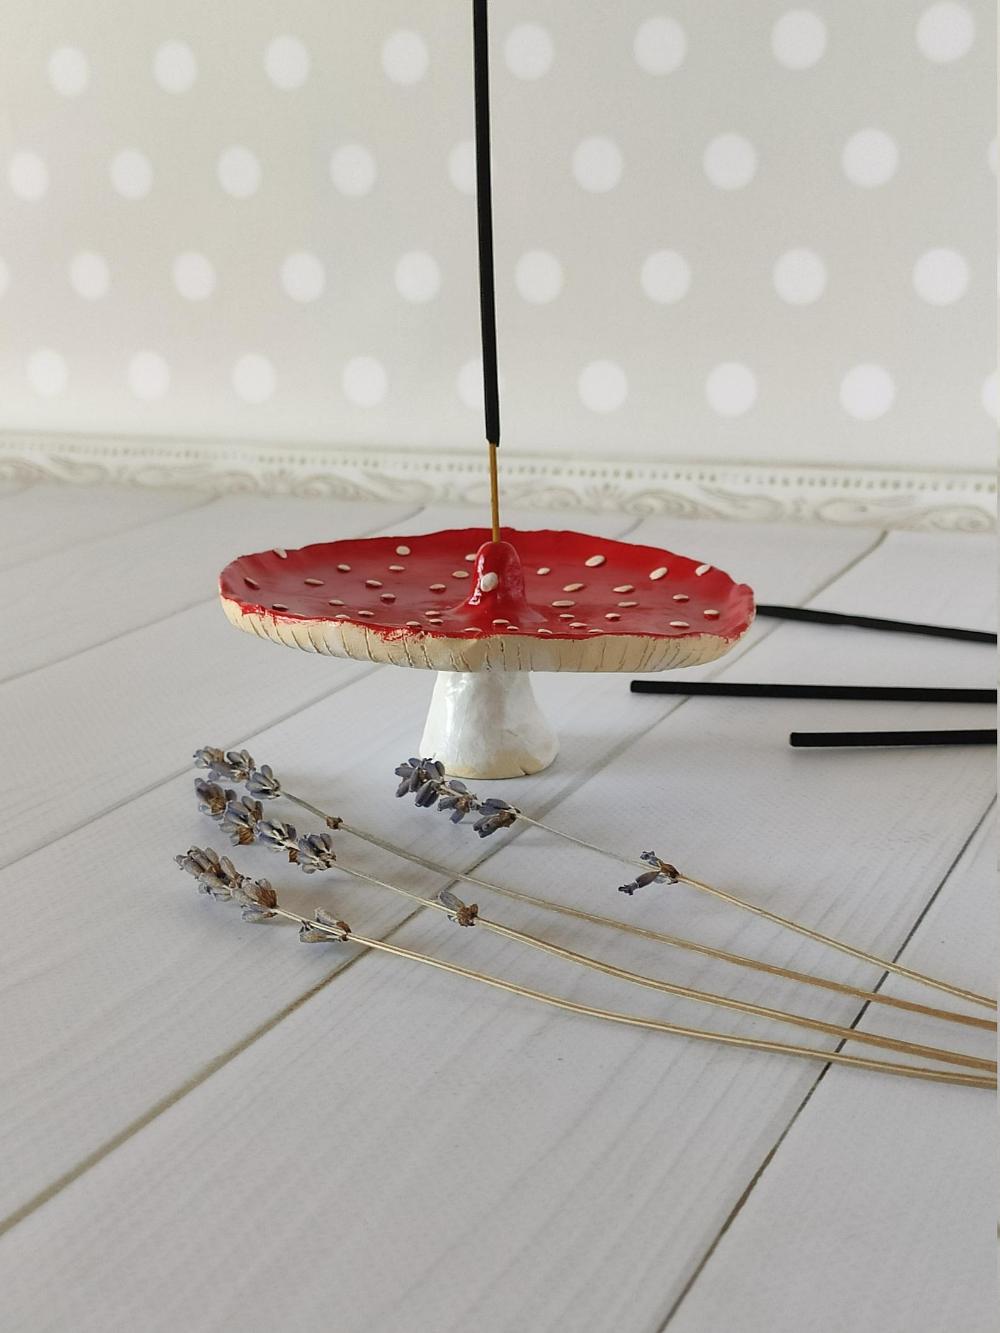 Amanita mushroom incense holder Clay incense holder Incense sticks Meditation gifts for women